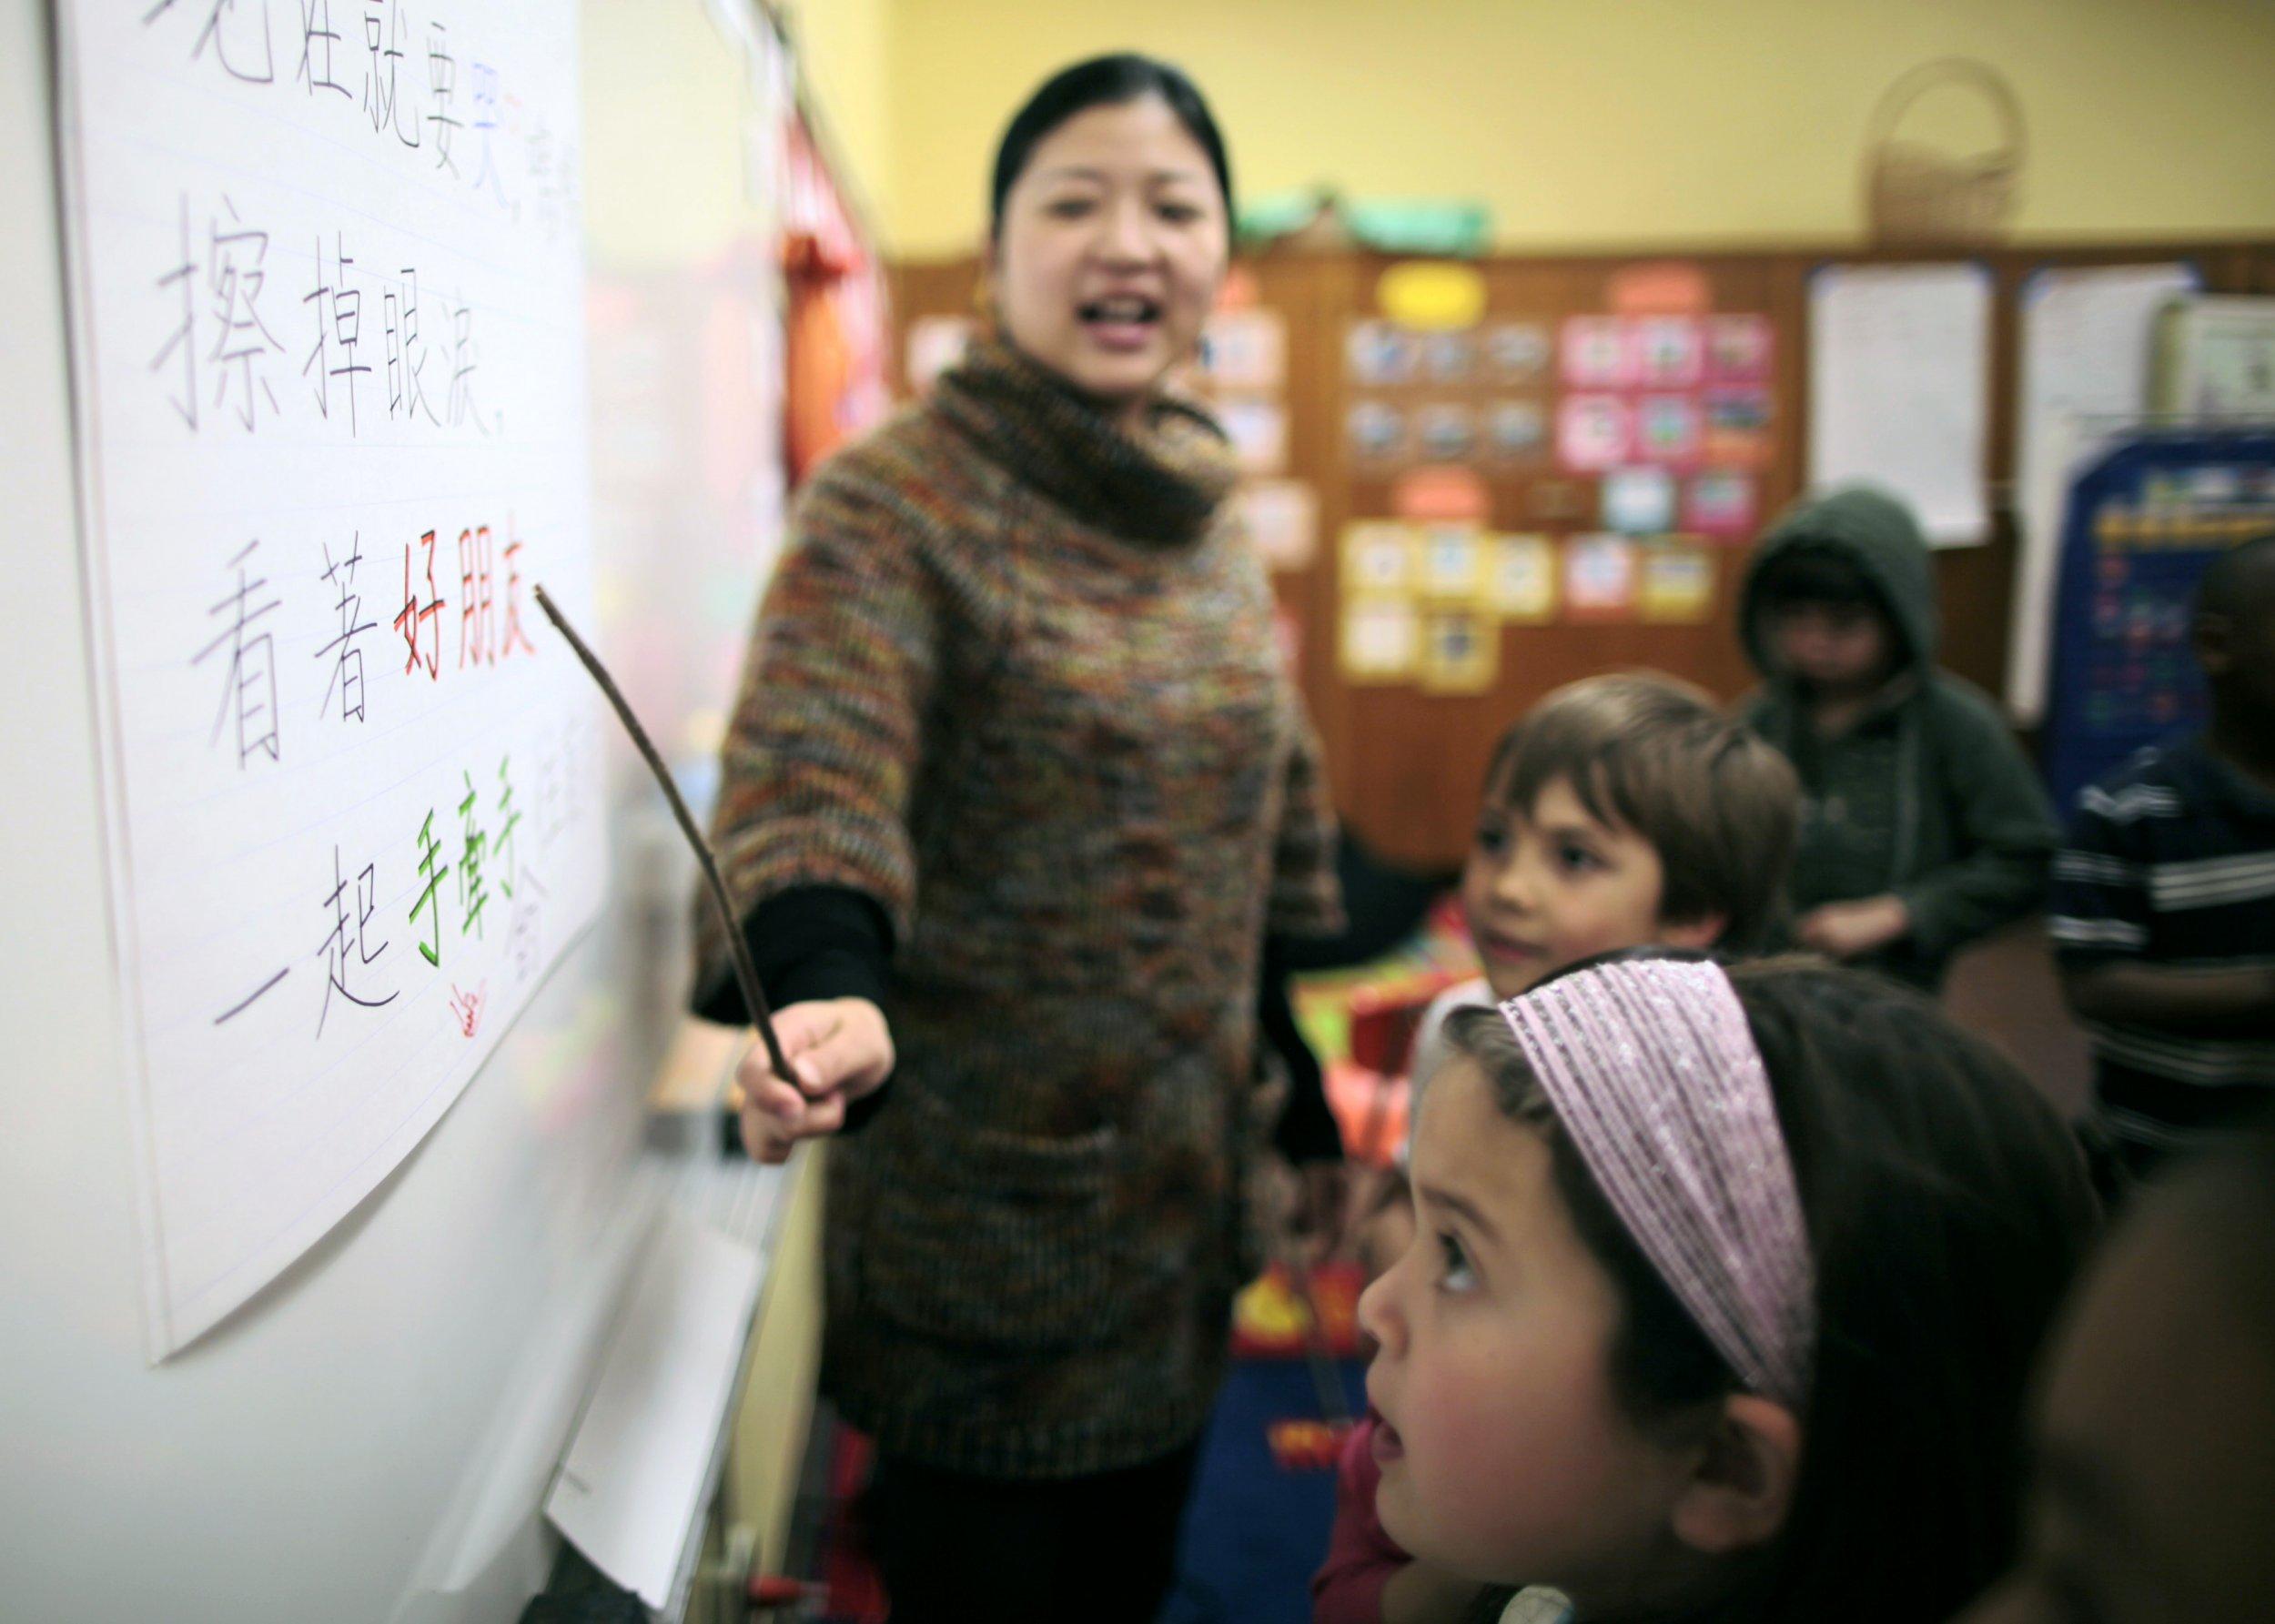 Chinese language instruction